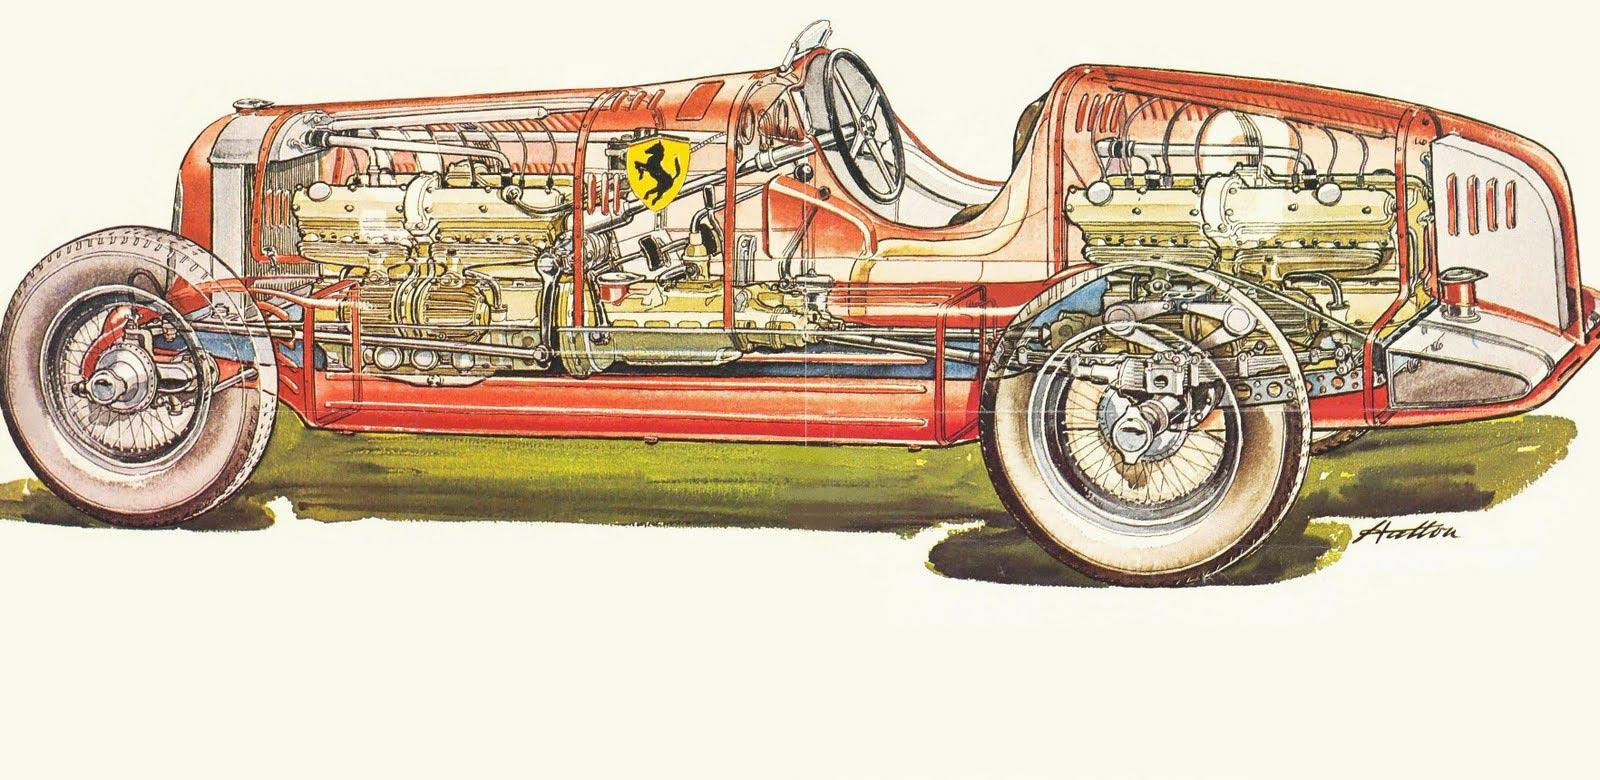 Alfa Romeo Bimotore cutaway